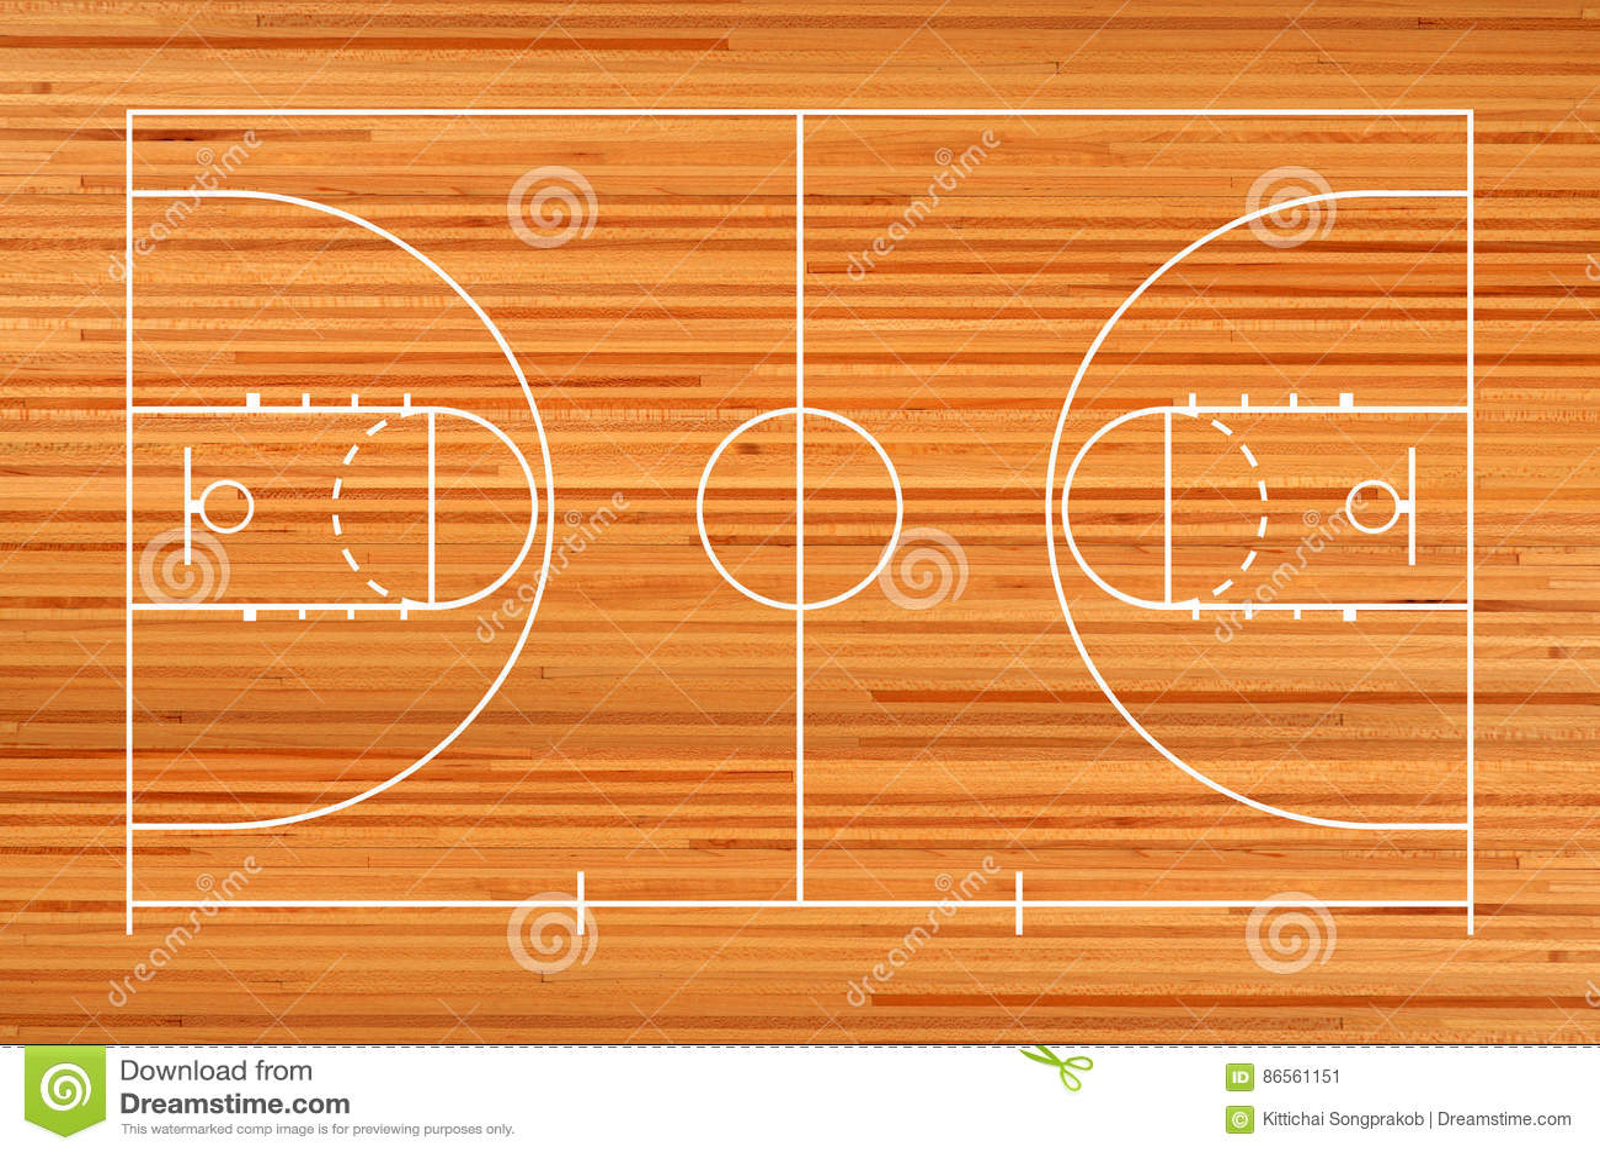 Basketballplatzboden mit Linie auf Bretterboden